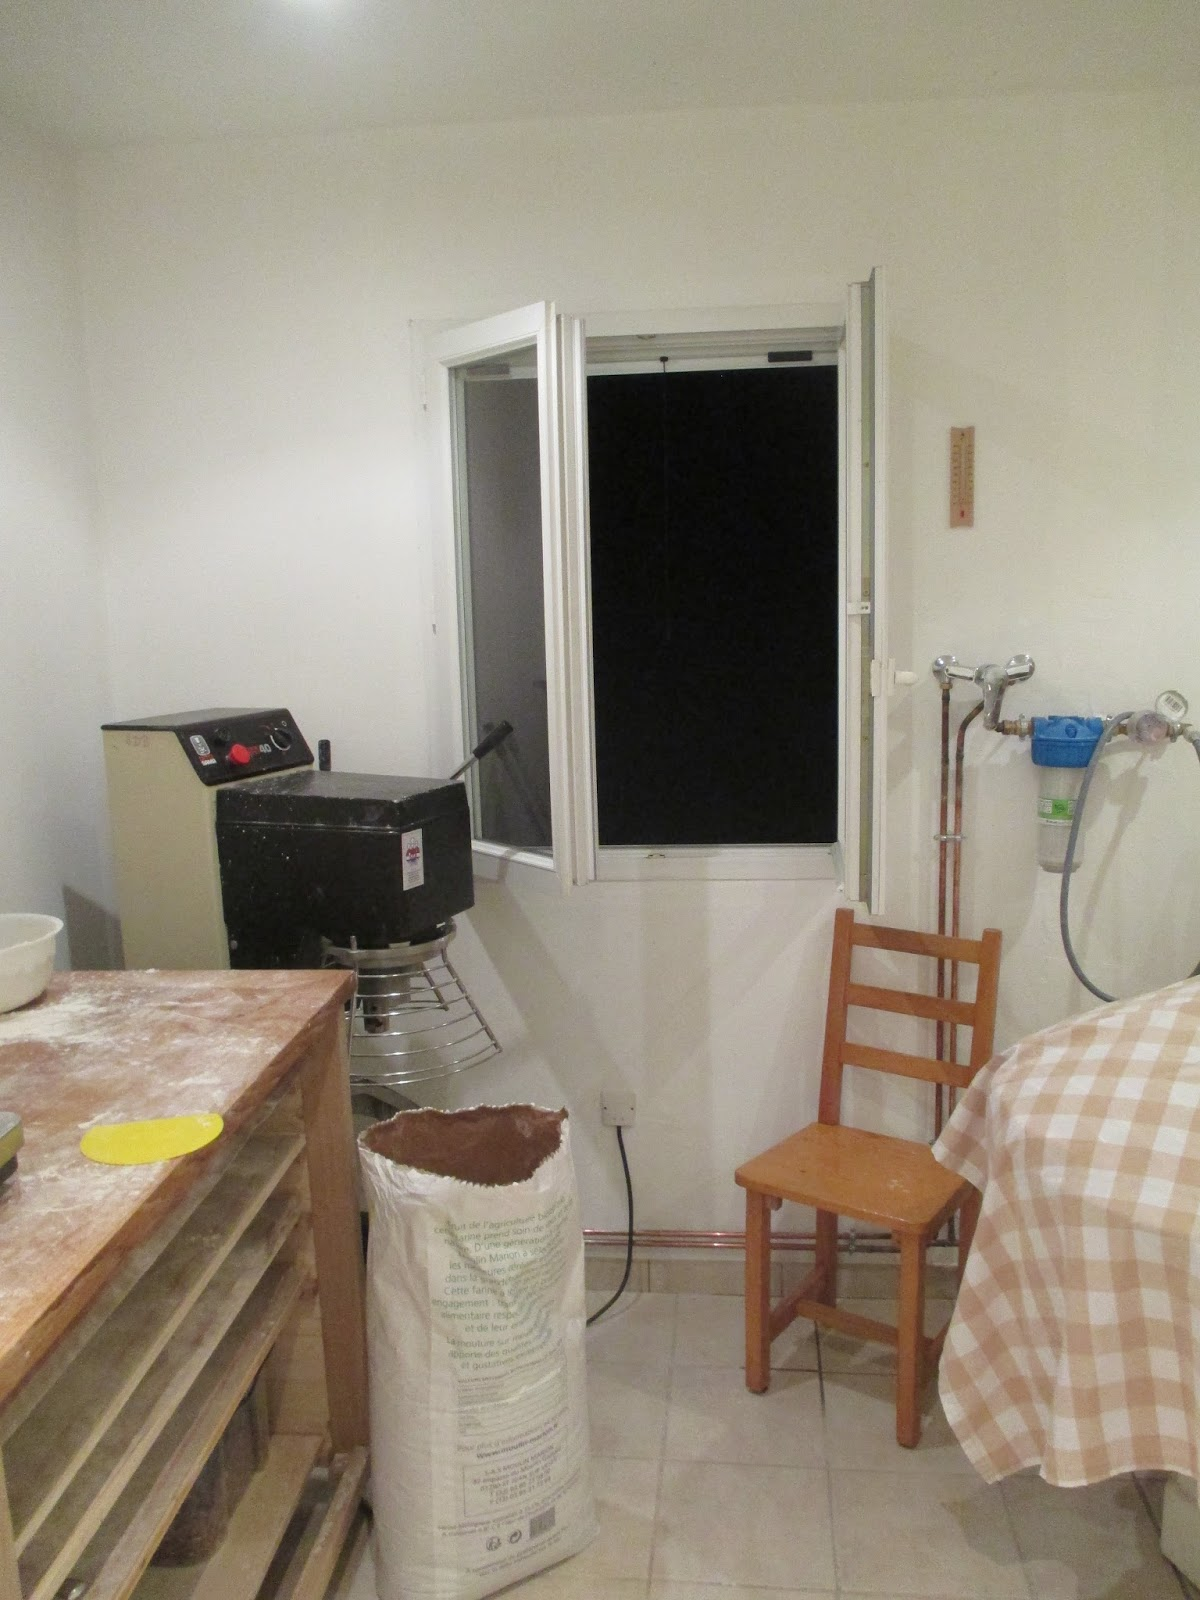 le levain chef ivresse nocturne. Black Bedroom Furniture Sets. Home Design Ideas